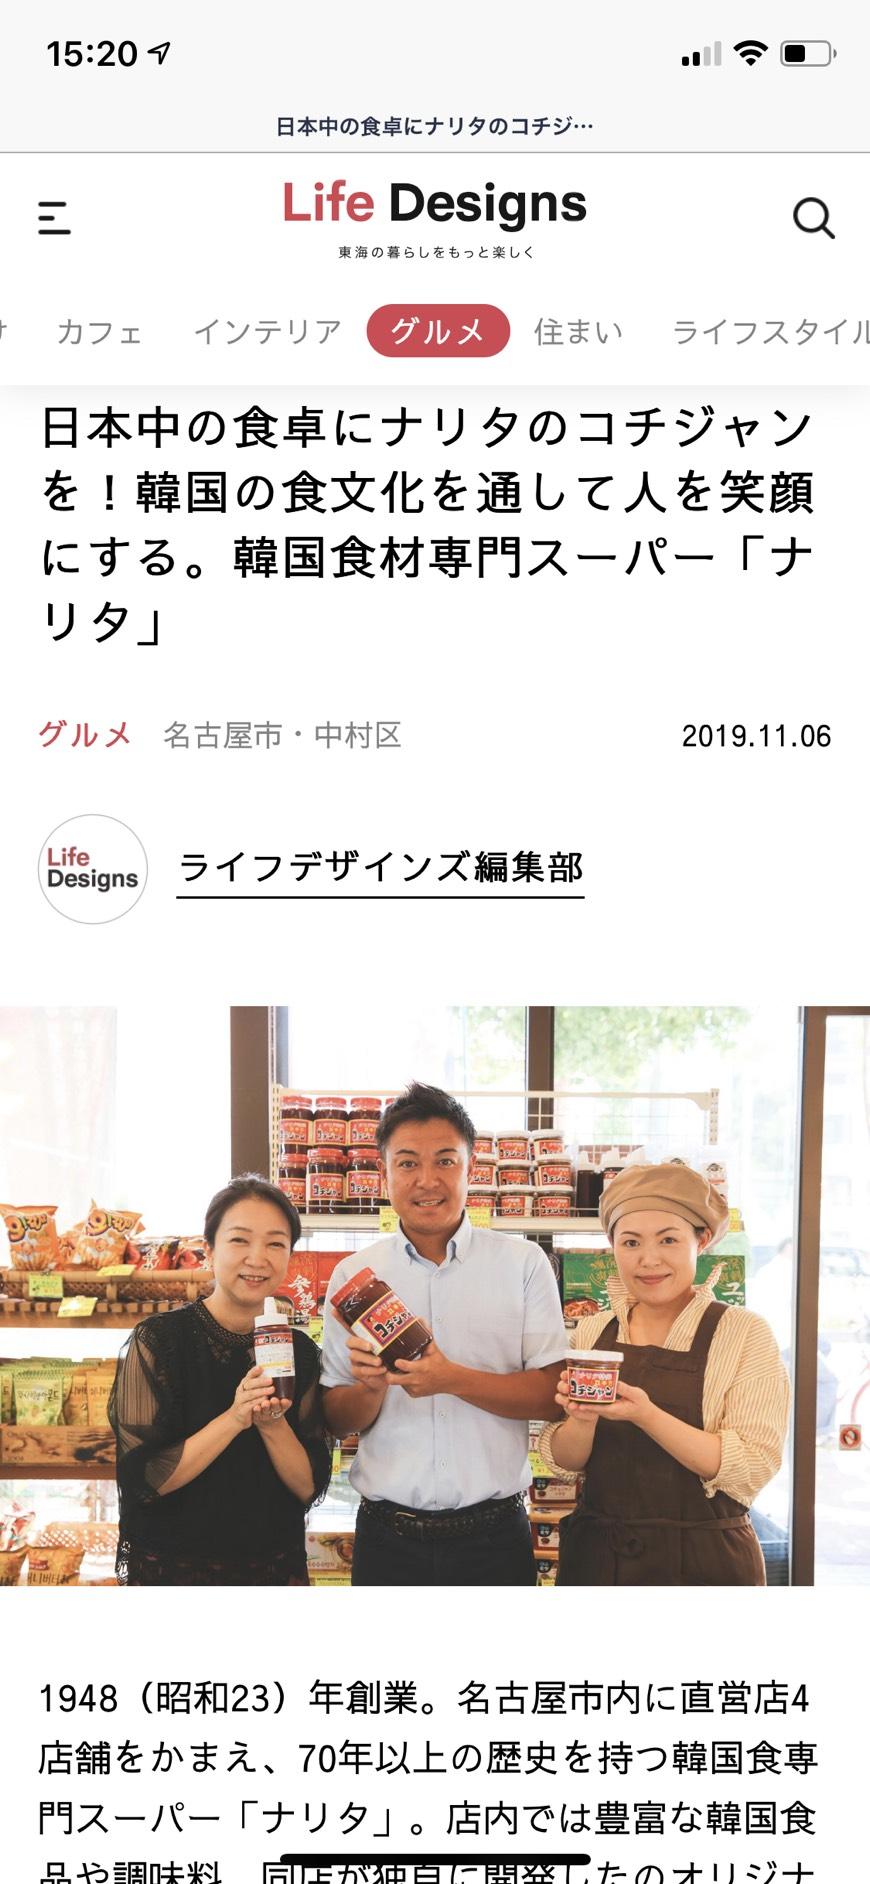 名古屋のWeb情報【東海の暮らしをもっとたのしく】Life Designsさんに取材をして頂きました